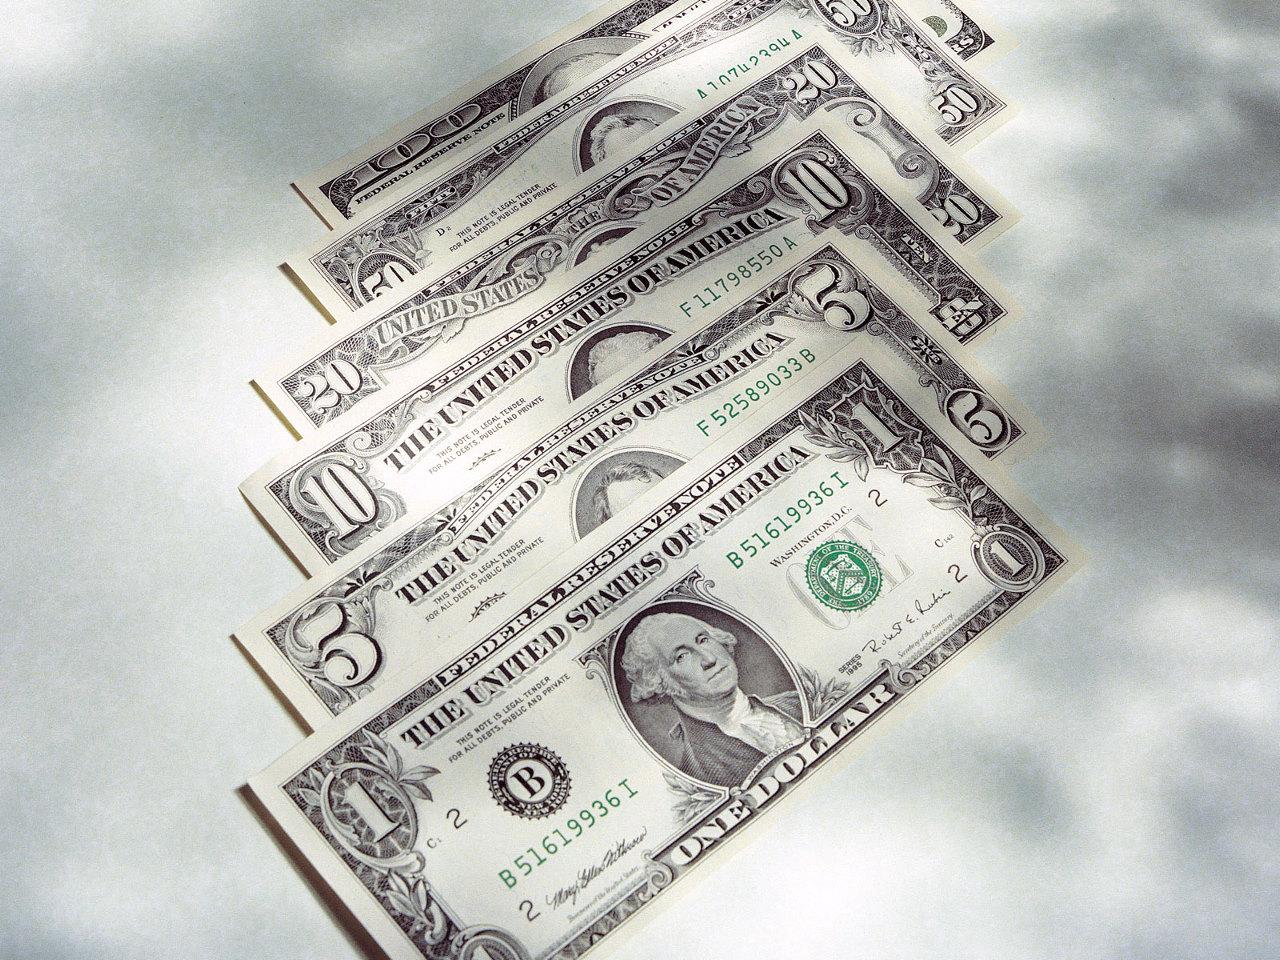 Start-ups in Slovenia raised 50 million dollars in 2012